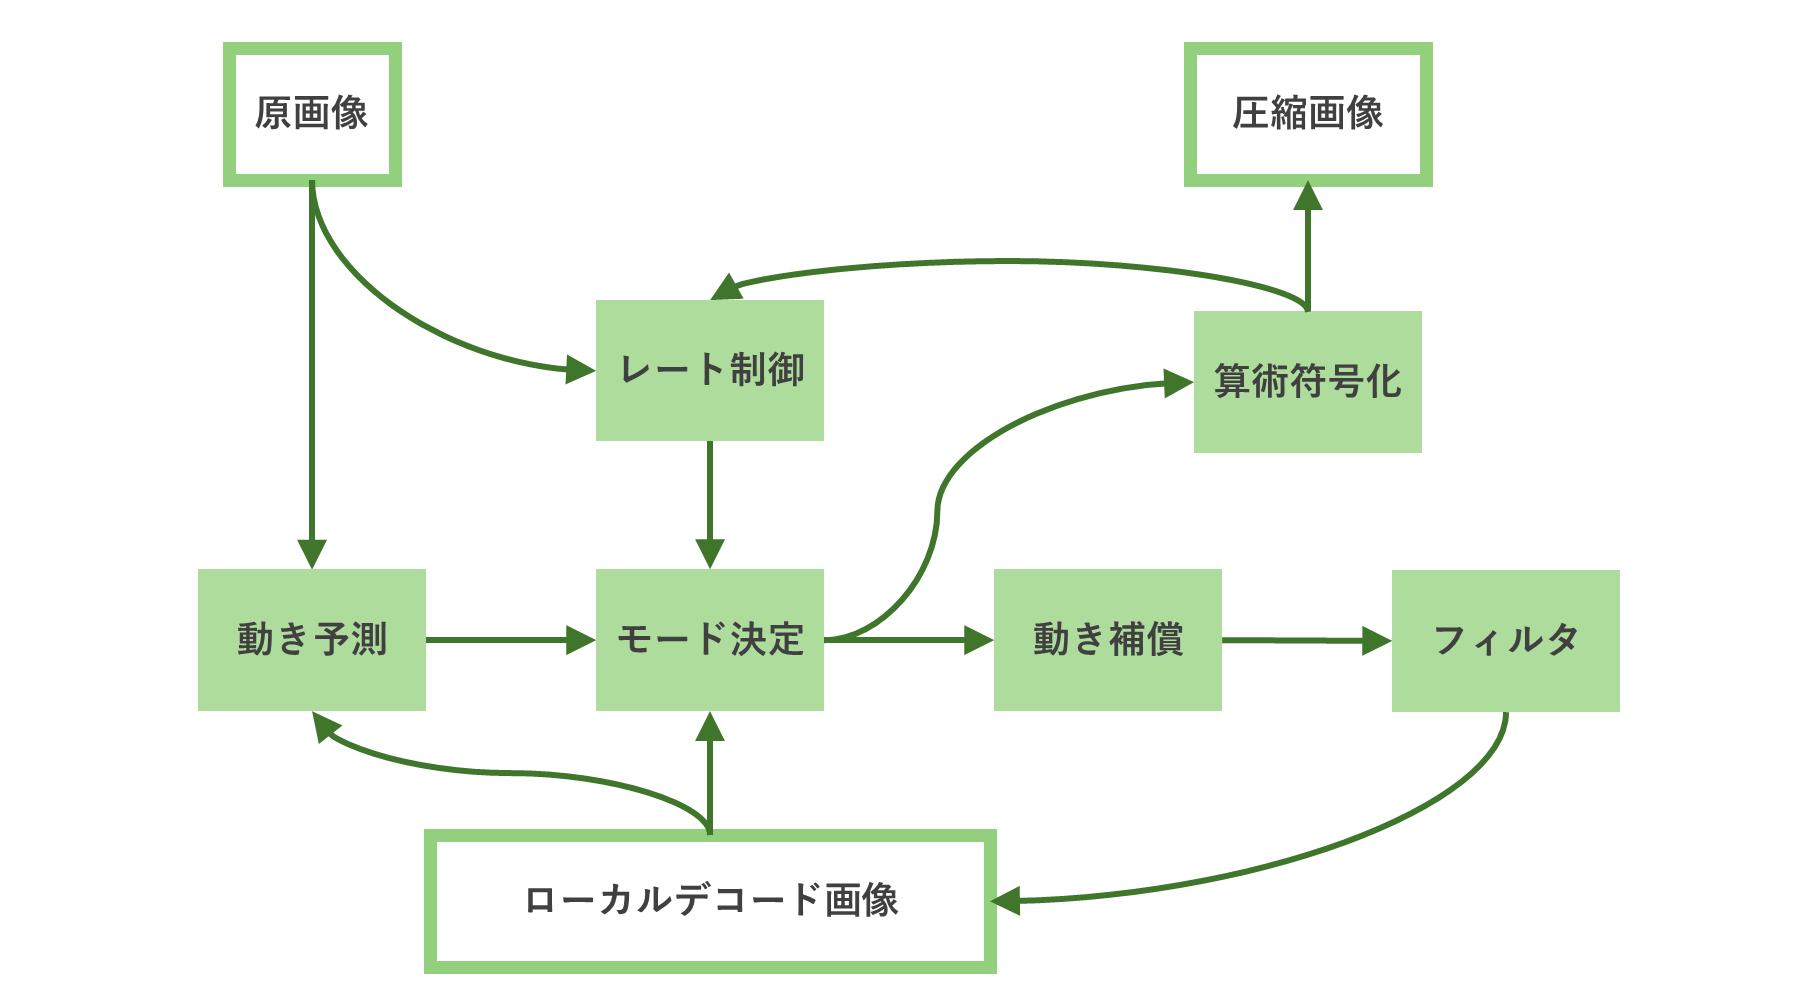 エンコード処理の流れ